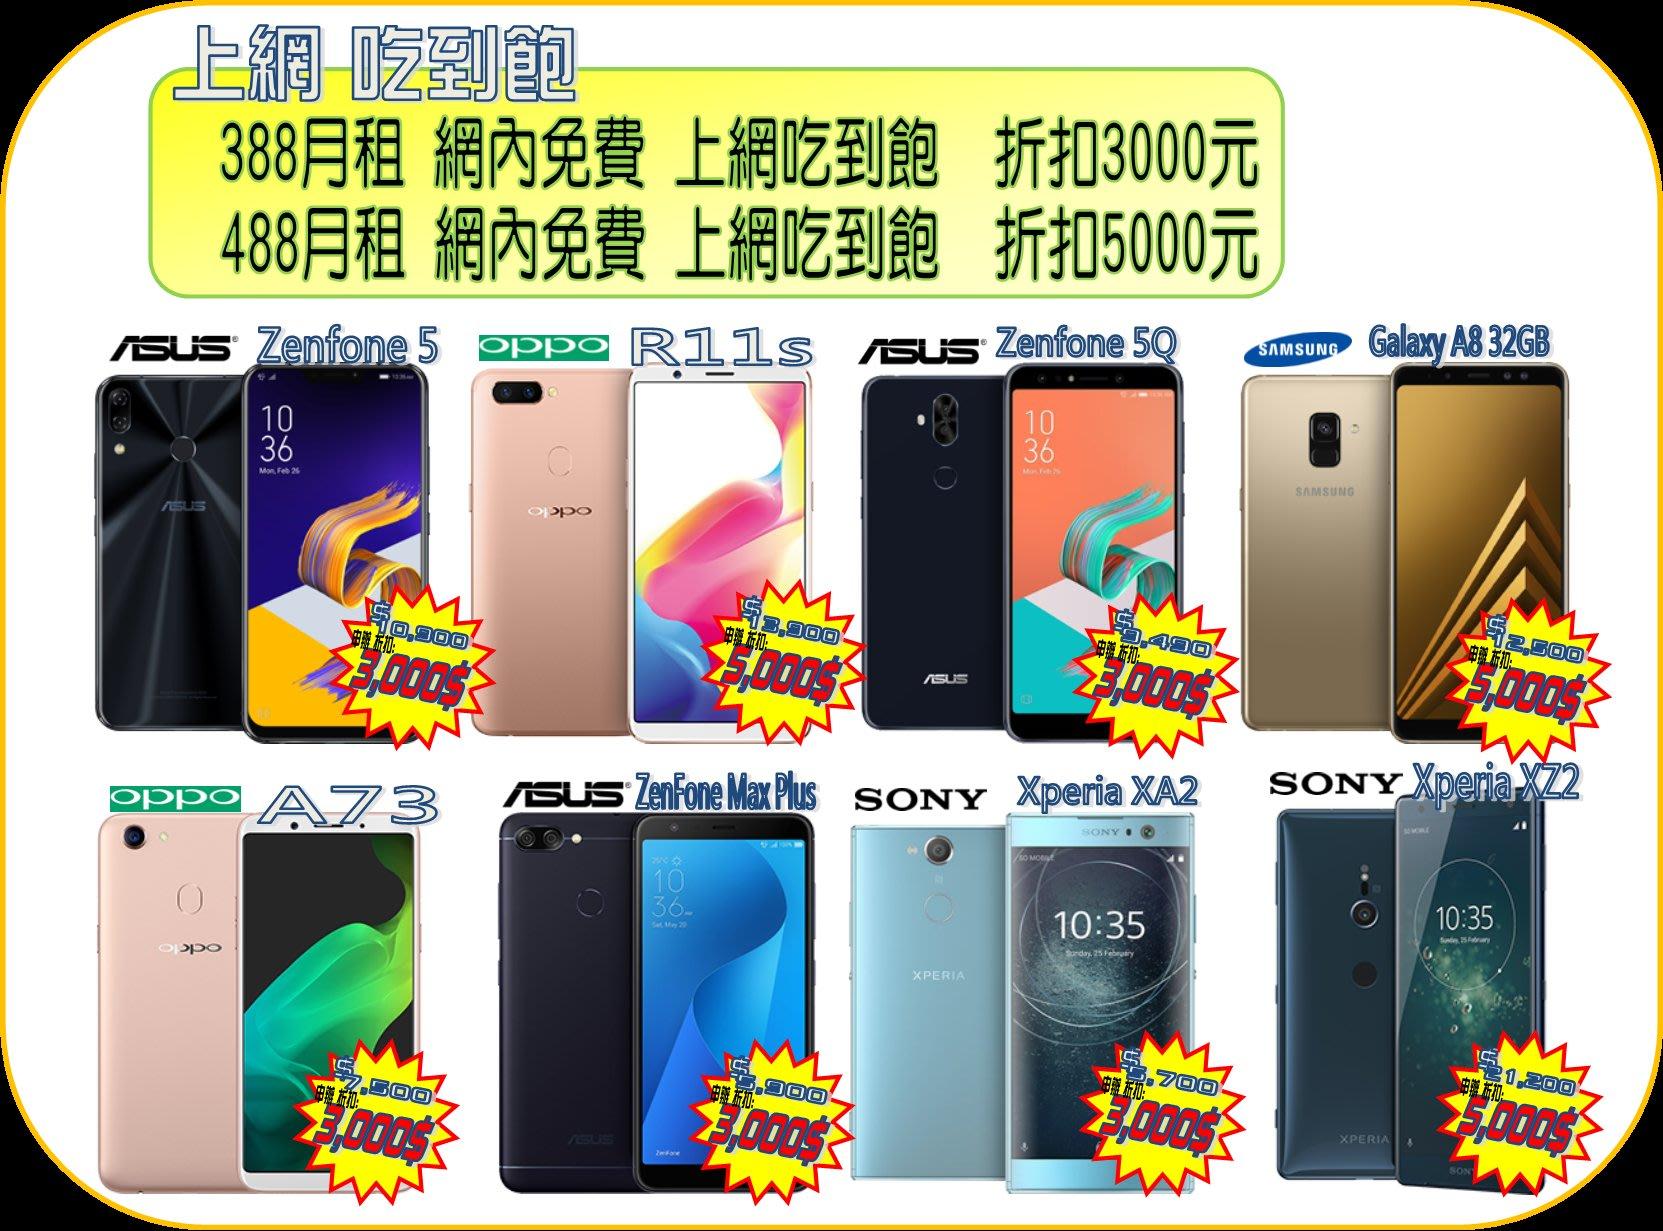 【台中nova益順電通】吃到飽 不降388,488月租 手機折扣5000元 R11s Zenfone 5 XZ2 s9